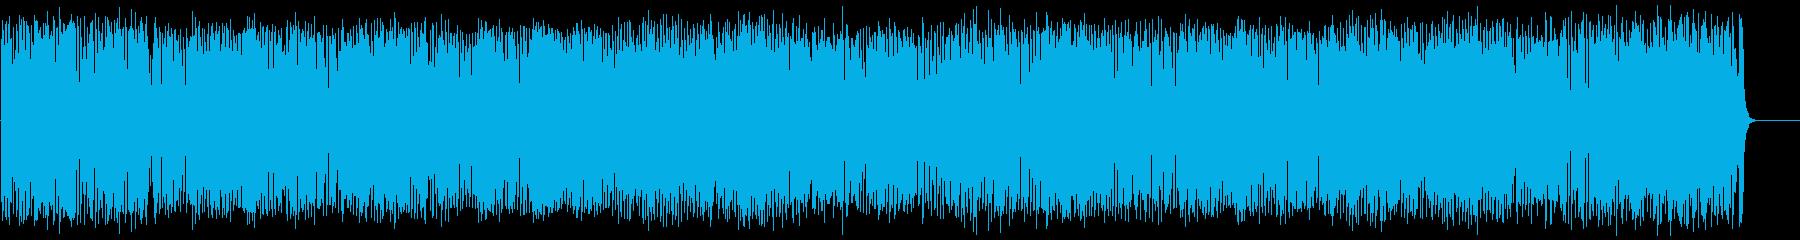 元気で活動的なフュージョンの再生済みの波形